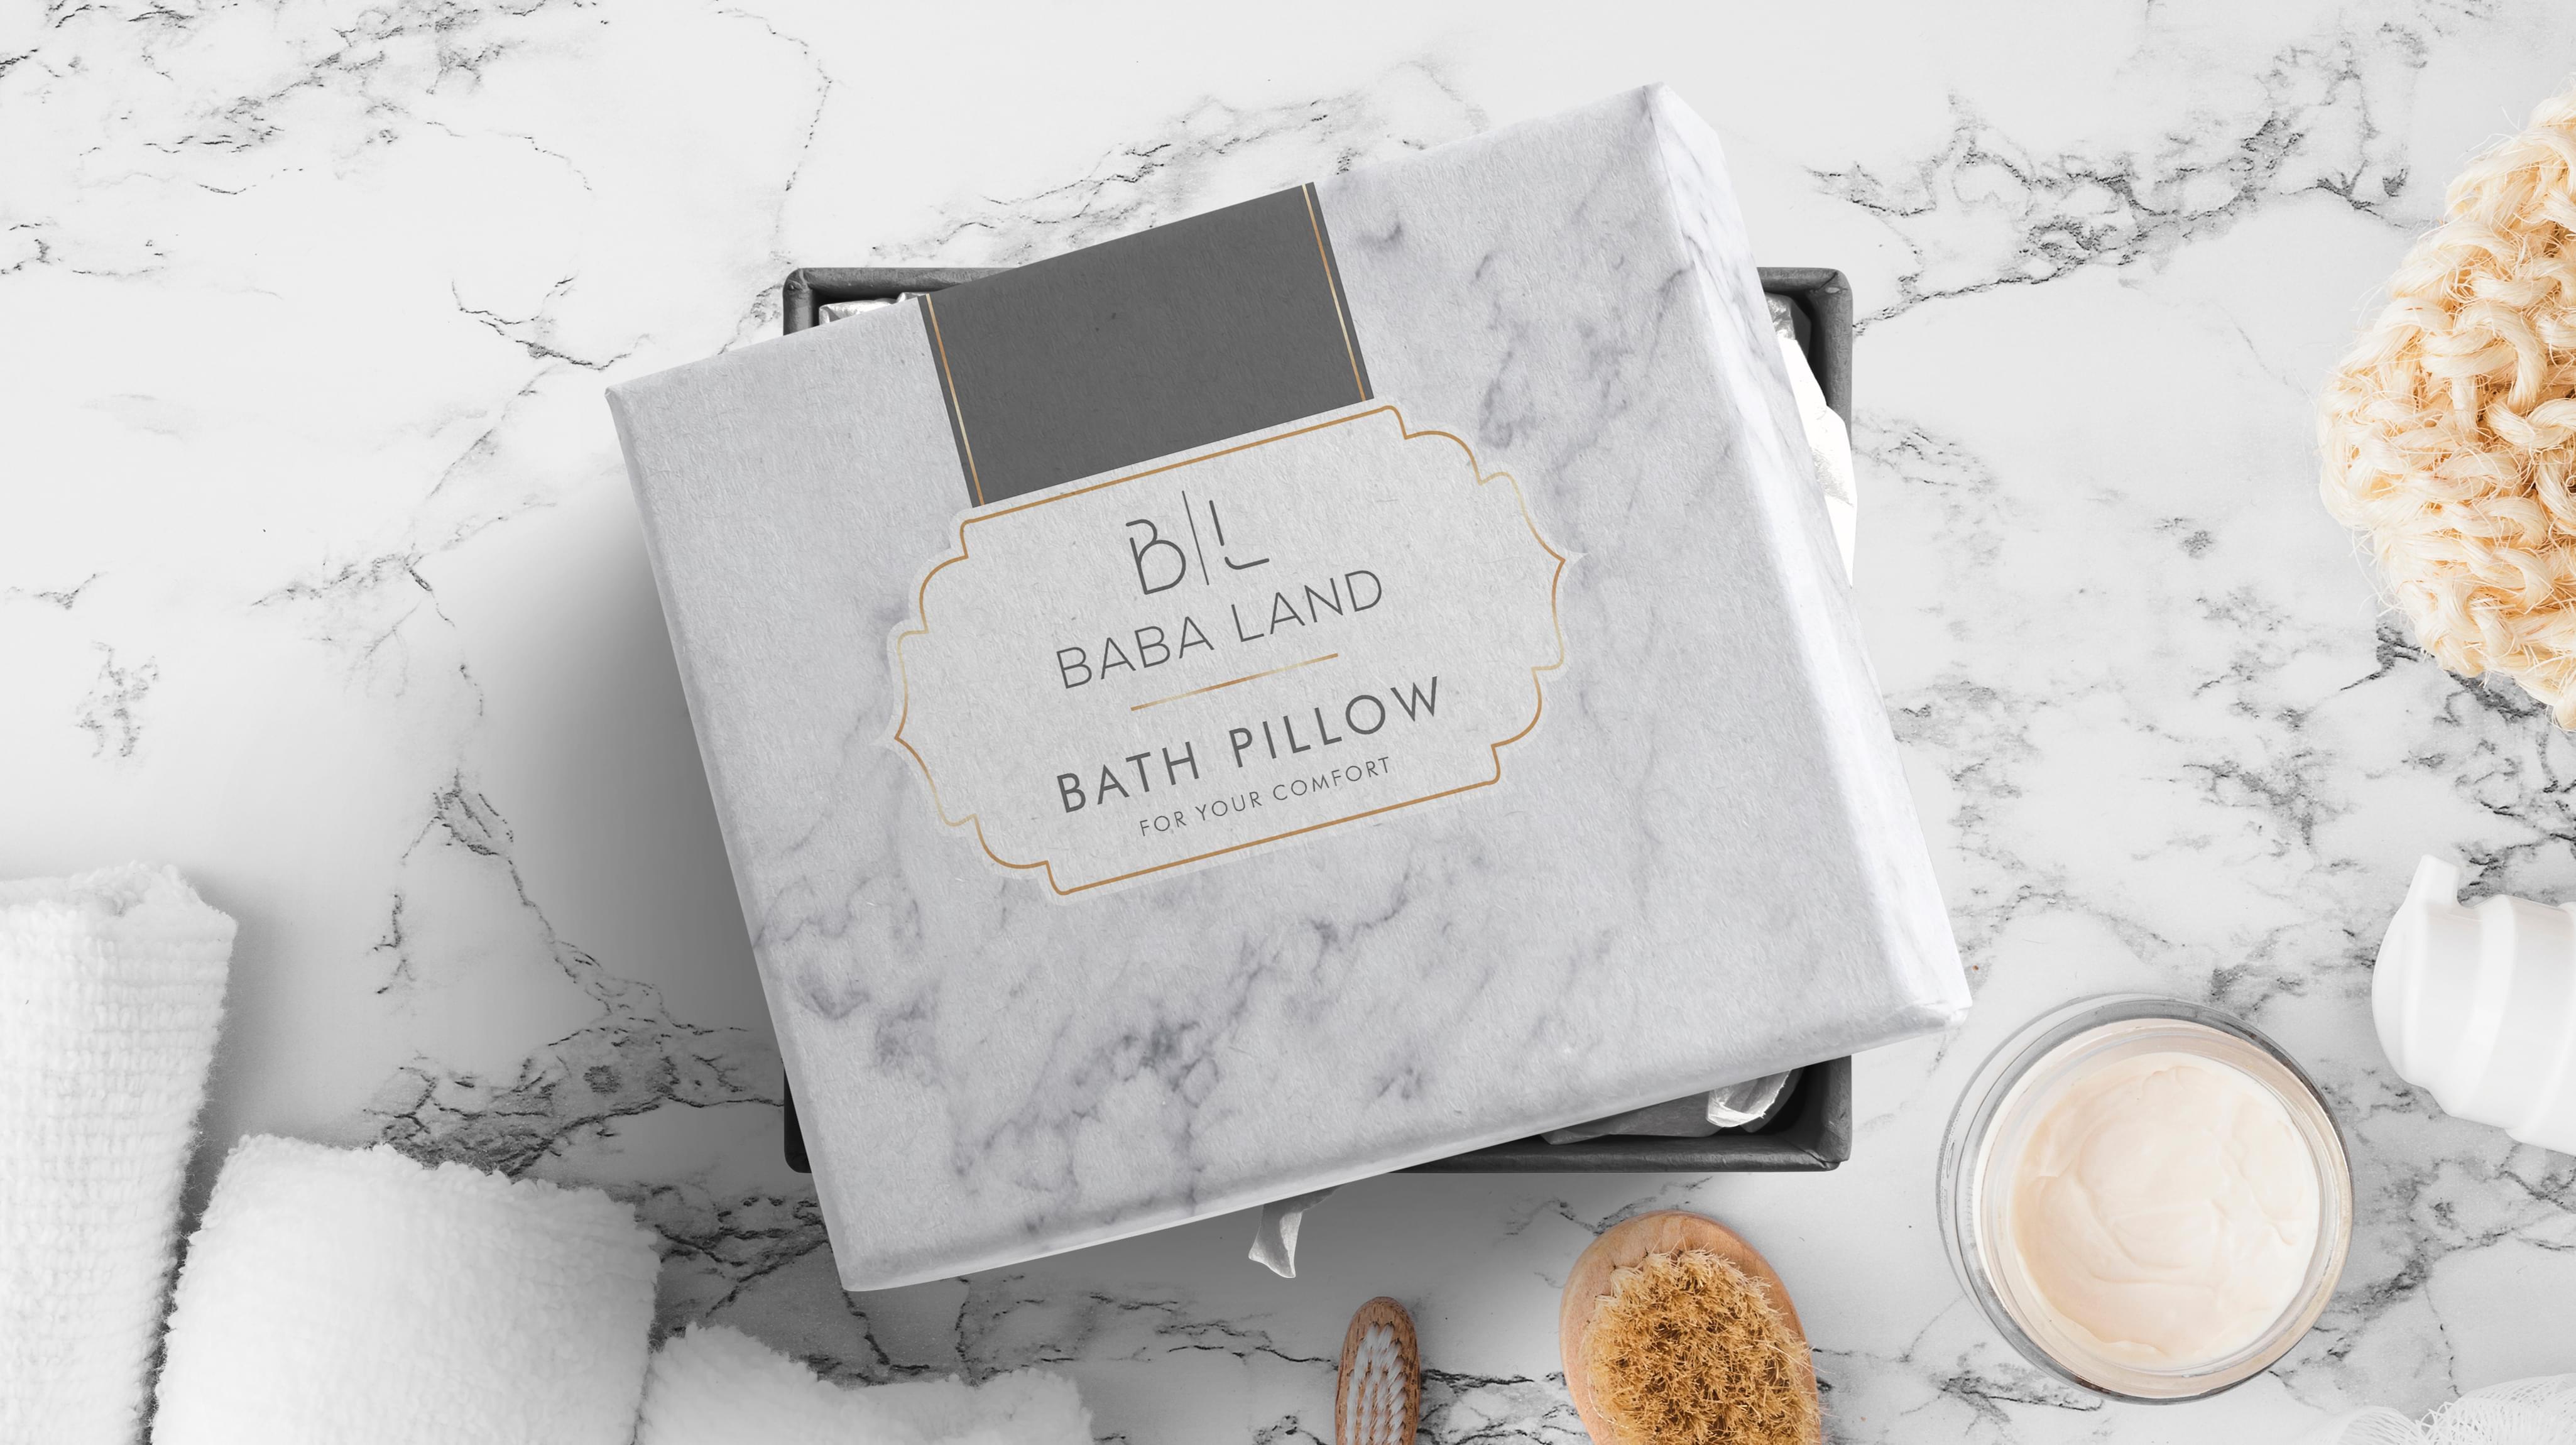 BABALAND Packaging